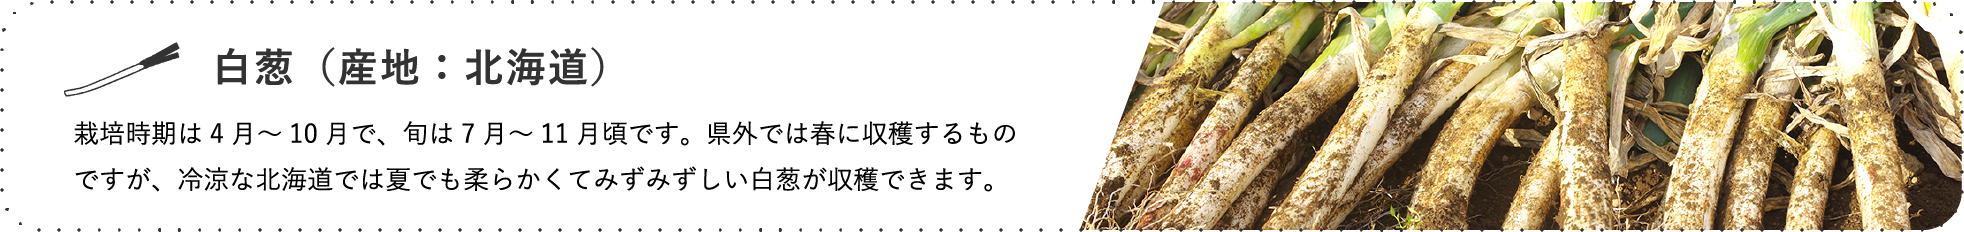 白葱(産地:北海道) / 栽培時期は4月~10月で、旬は7月~11月頃です。県外では春に収穫するもの ですが、冷涼な北海道では夏でも柔らかくてみずみずしい白葱が収穫できます。